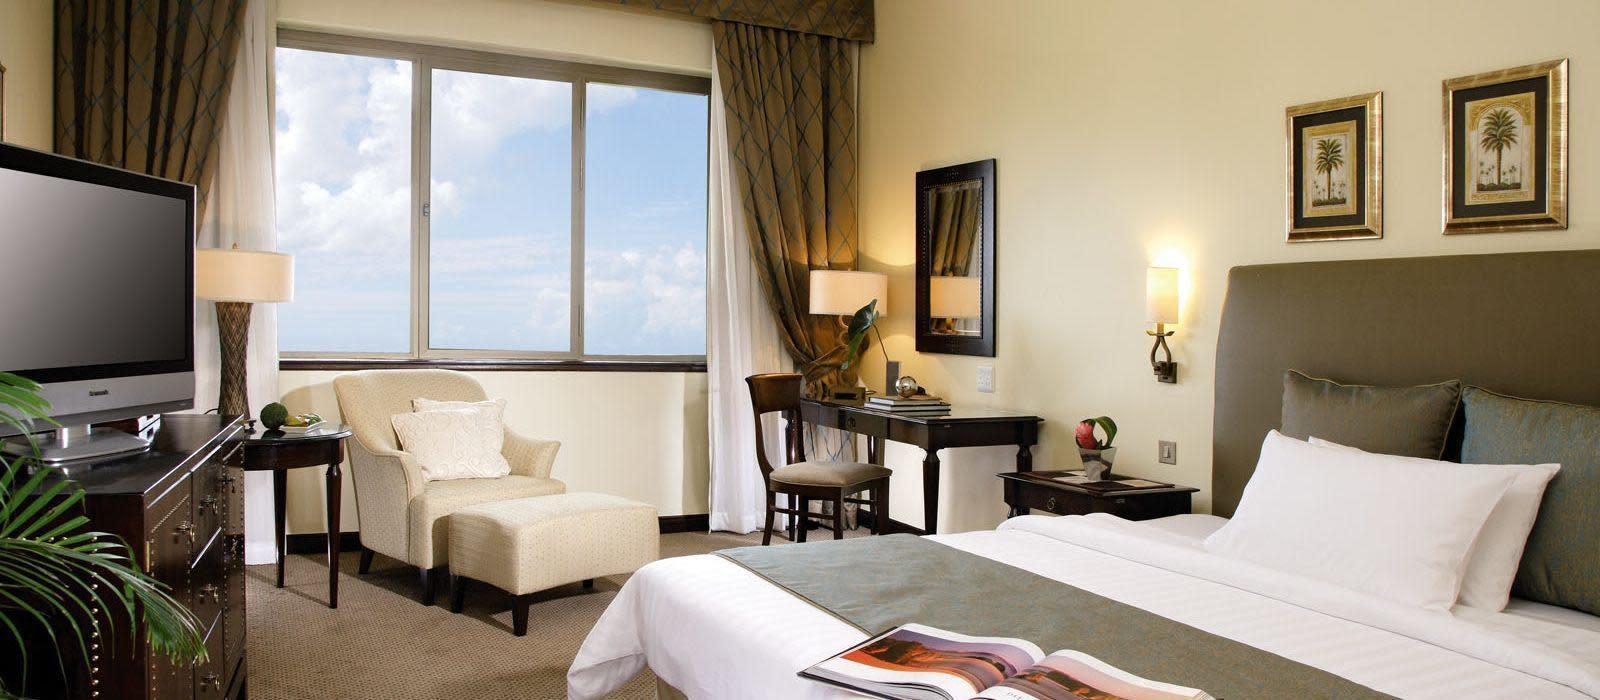 Hotel Dar es Salaam Serena  Tanzania